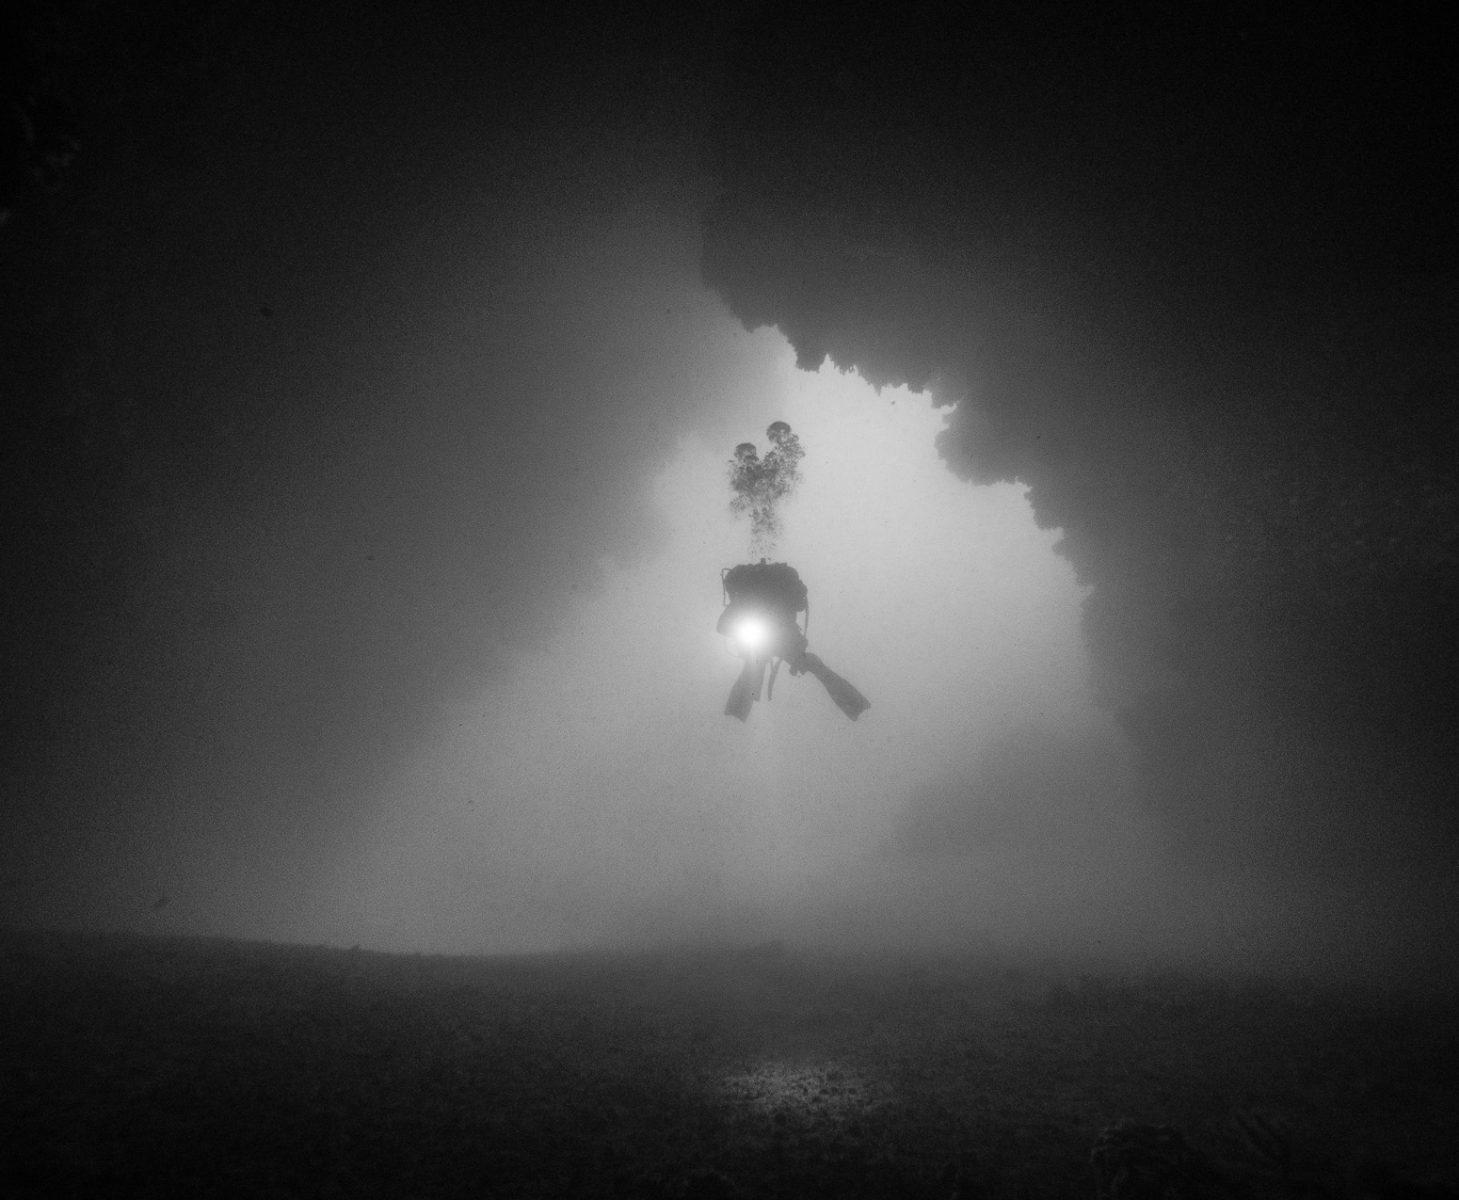 20170918_Diving-KRK-monochrme_002-e1511640914528-1459x1200.jpg